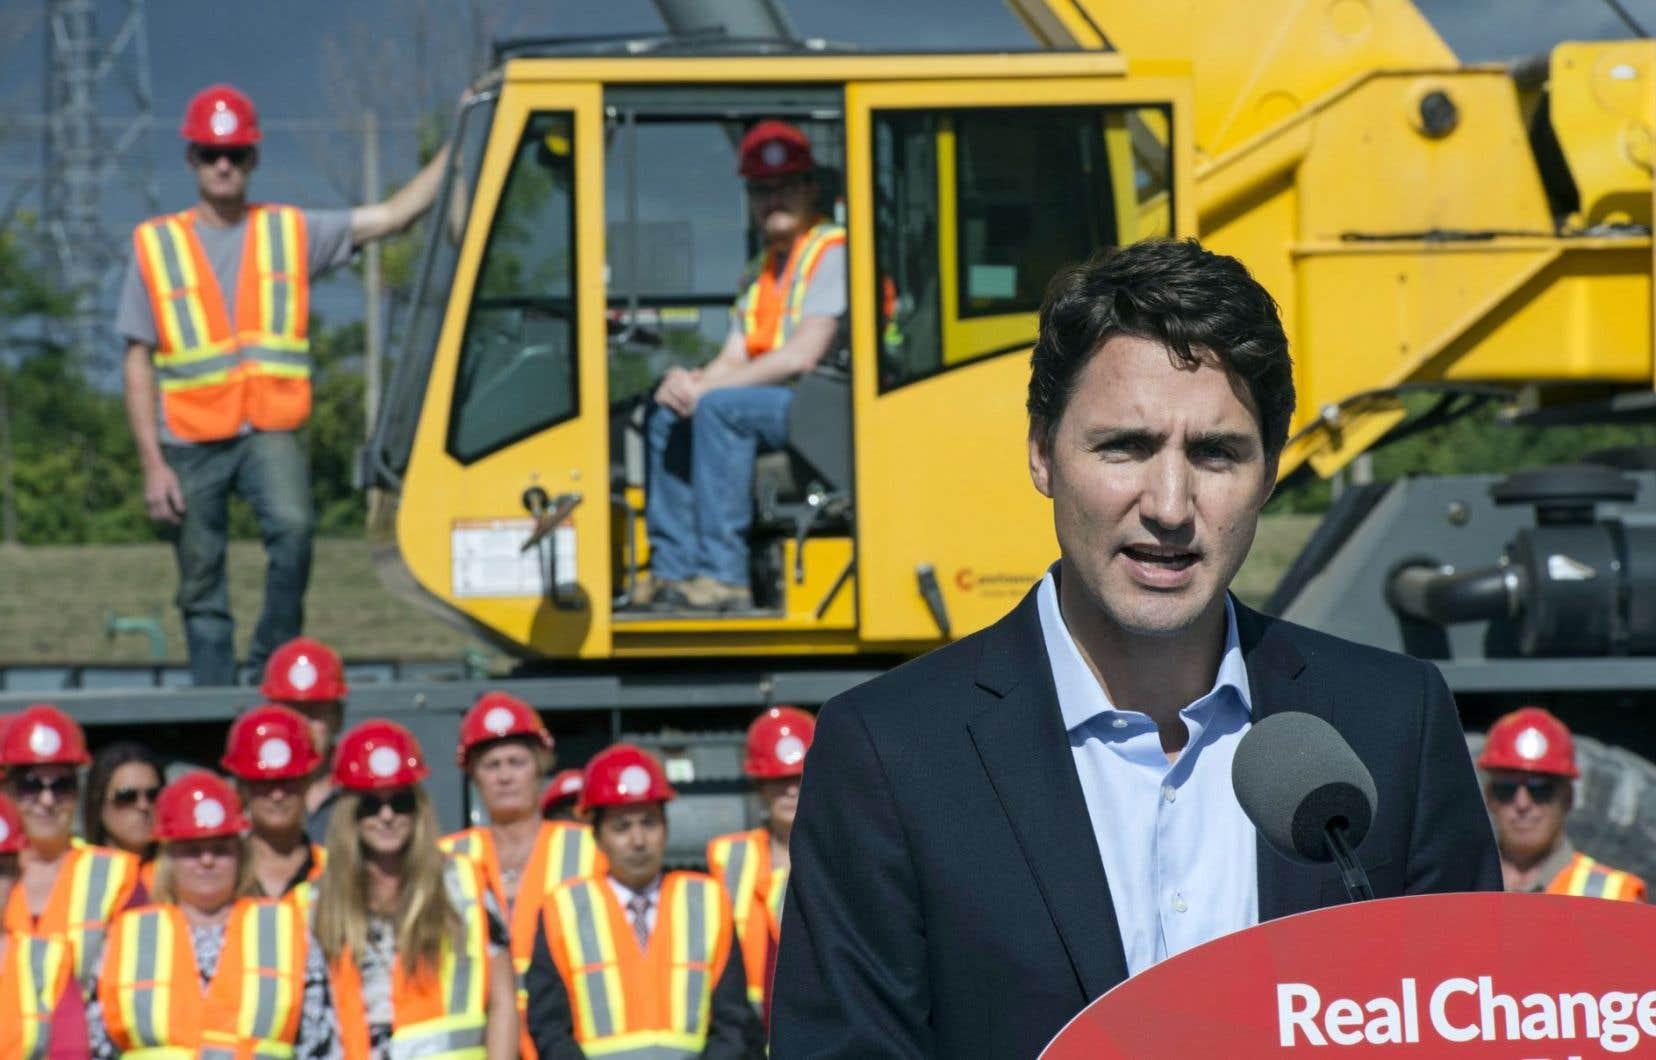 Le plan libéral consiste à doubler les investissements prévus en infrastructures (de 65 à 125 milliards $) au cours de la prochaine décennie.